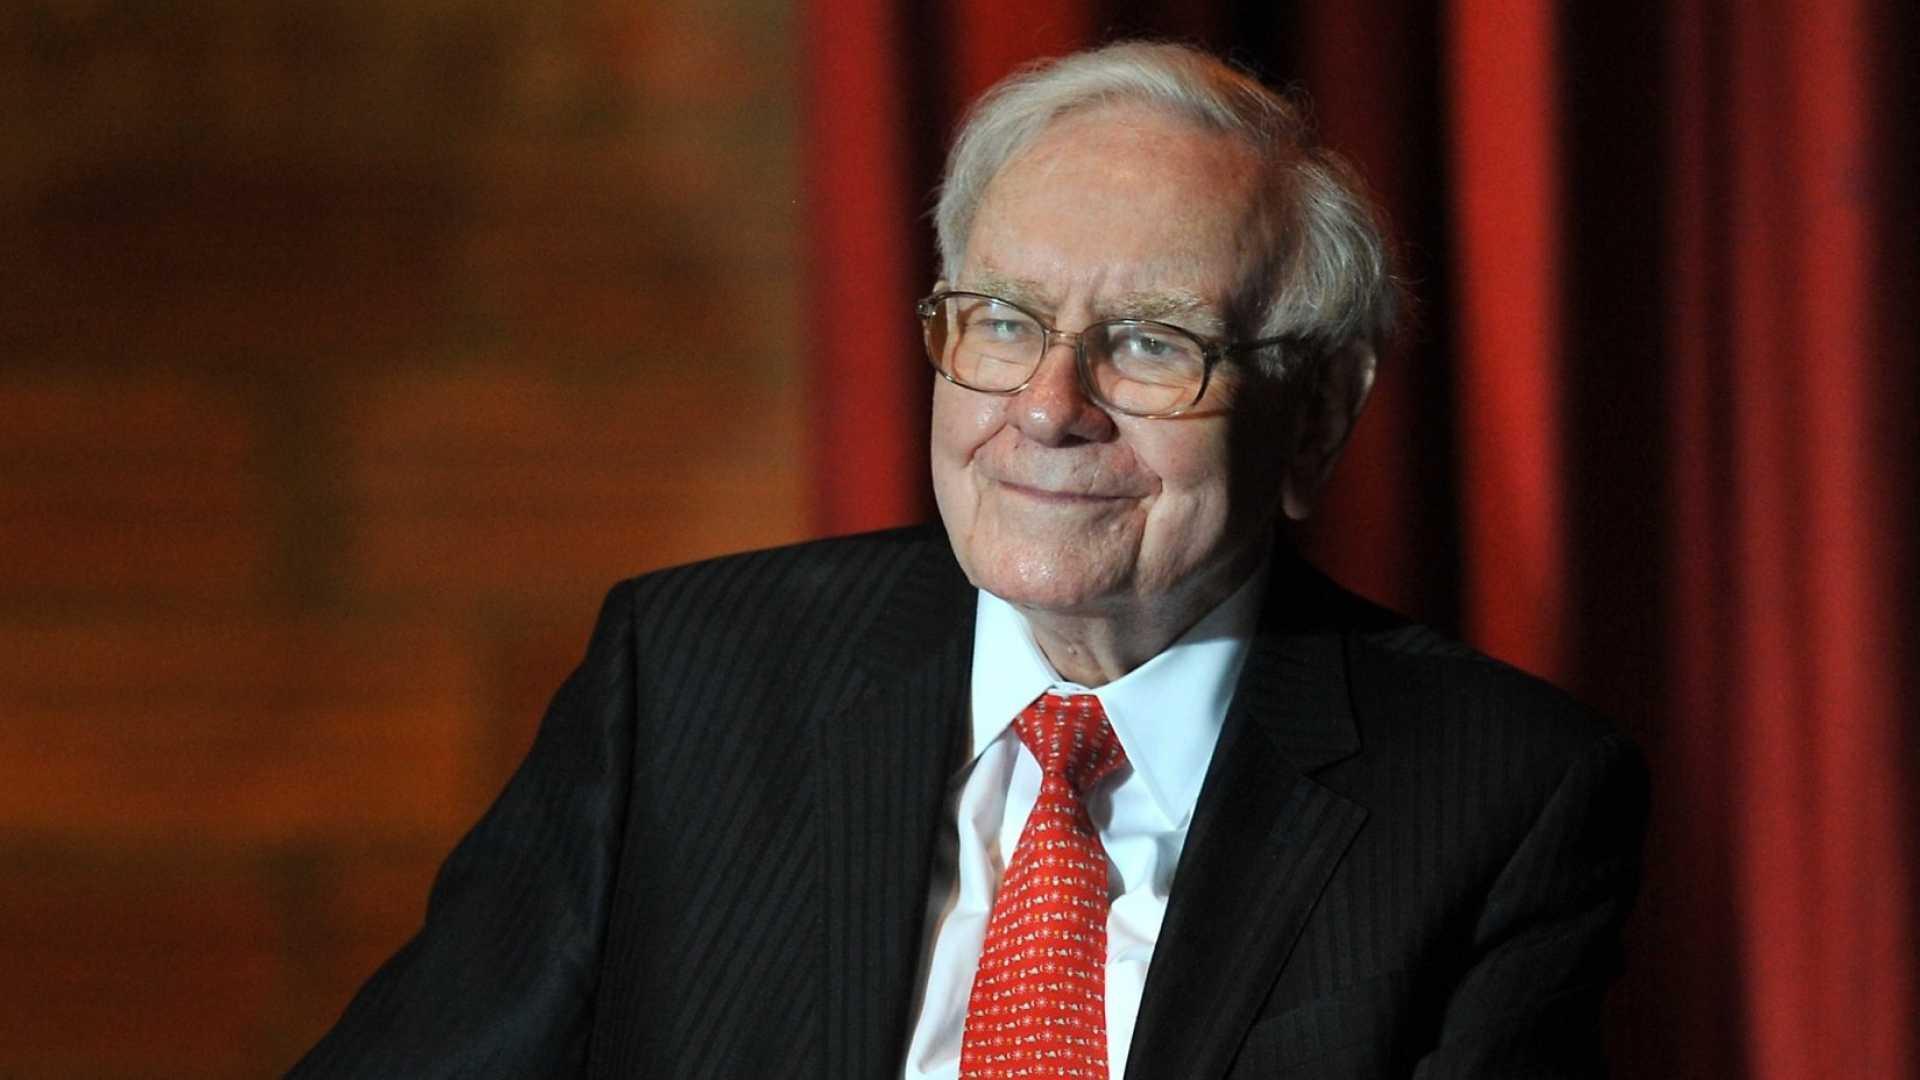 Billionaire Businessman Warren Buffett